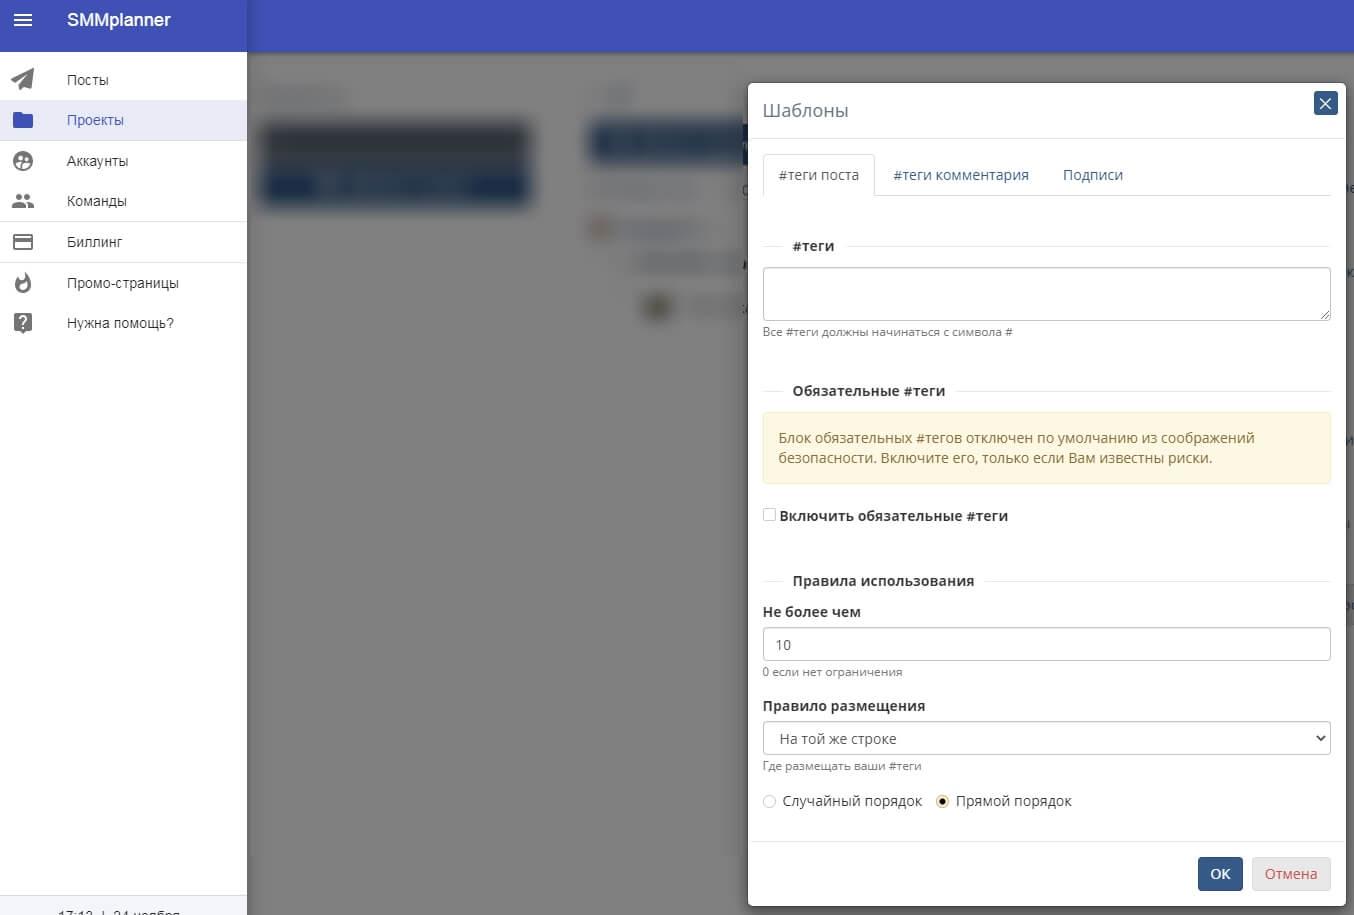 Чтобы ставить хэштеги автоматически, зайдите в SMMplanner и настройте шаблоны обязательных тегов для публикации Это значительно удобнее, чем вводить в Инстаграме их вручную